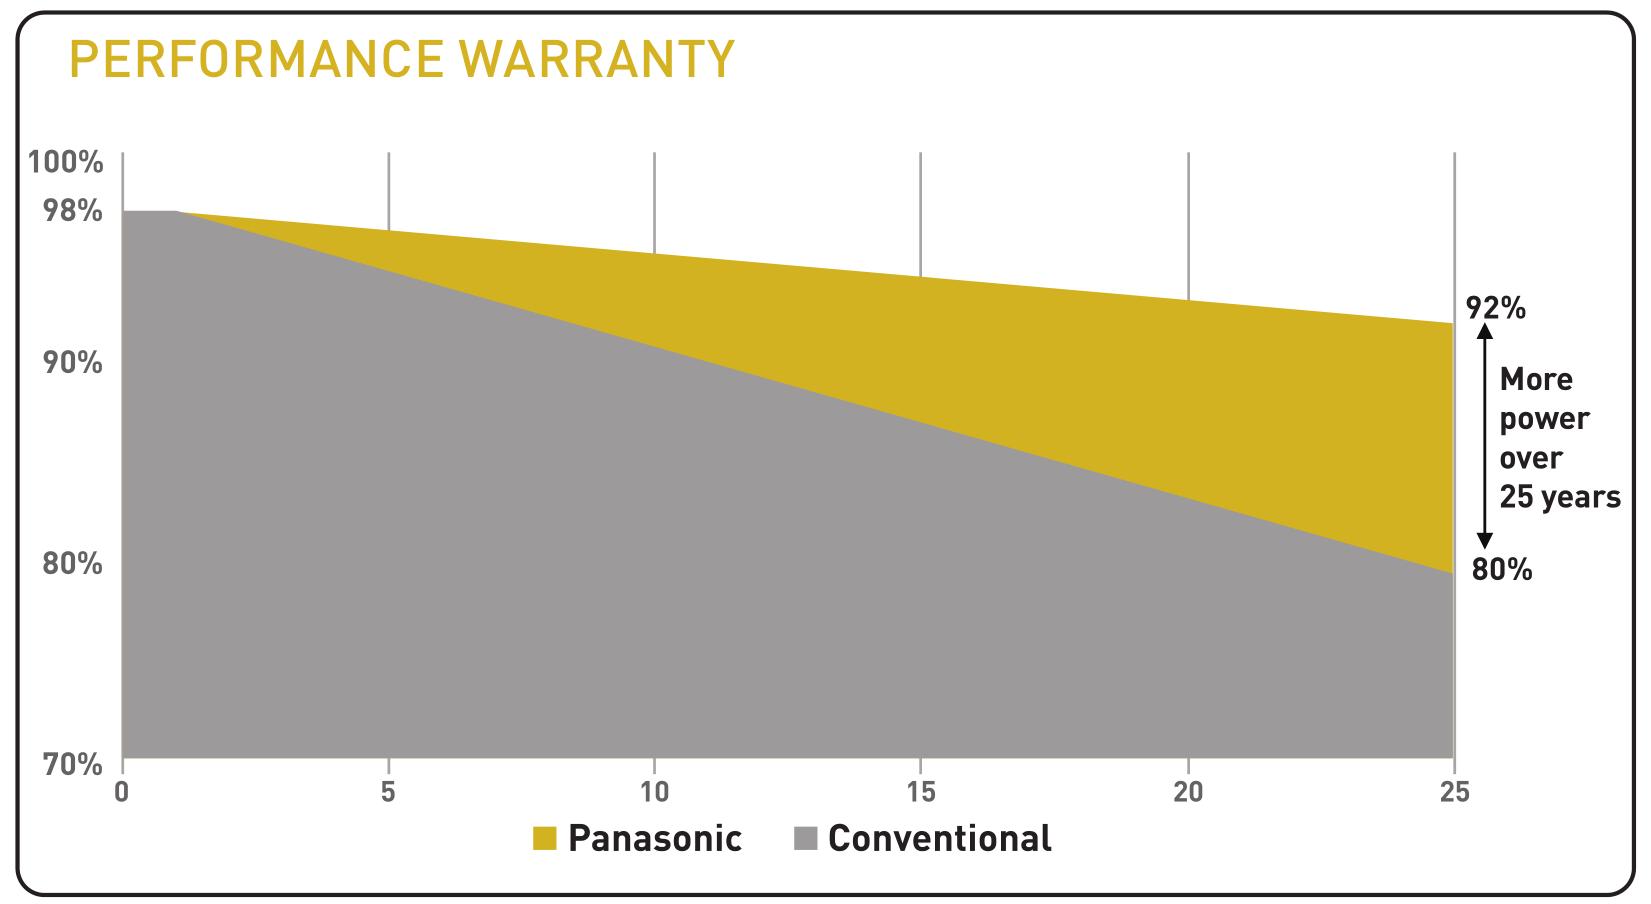 Pansonic Performance Warranty 360 W/350 W